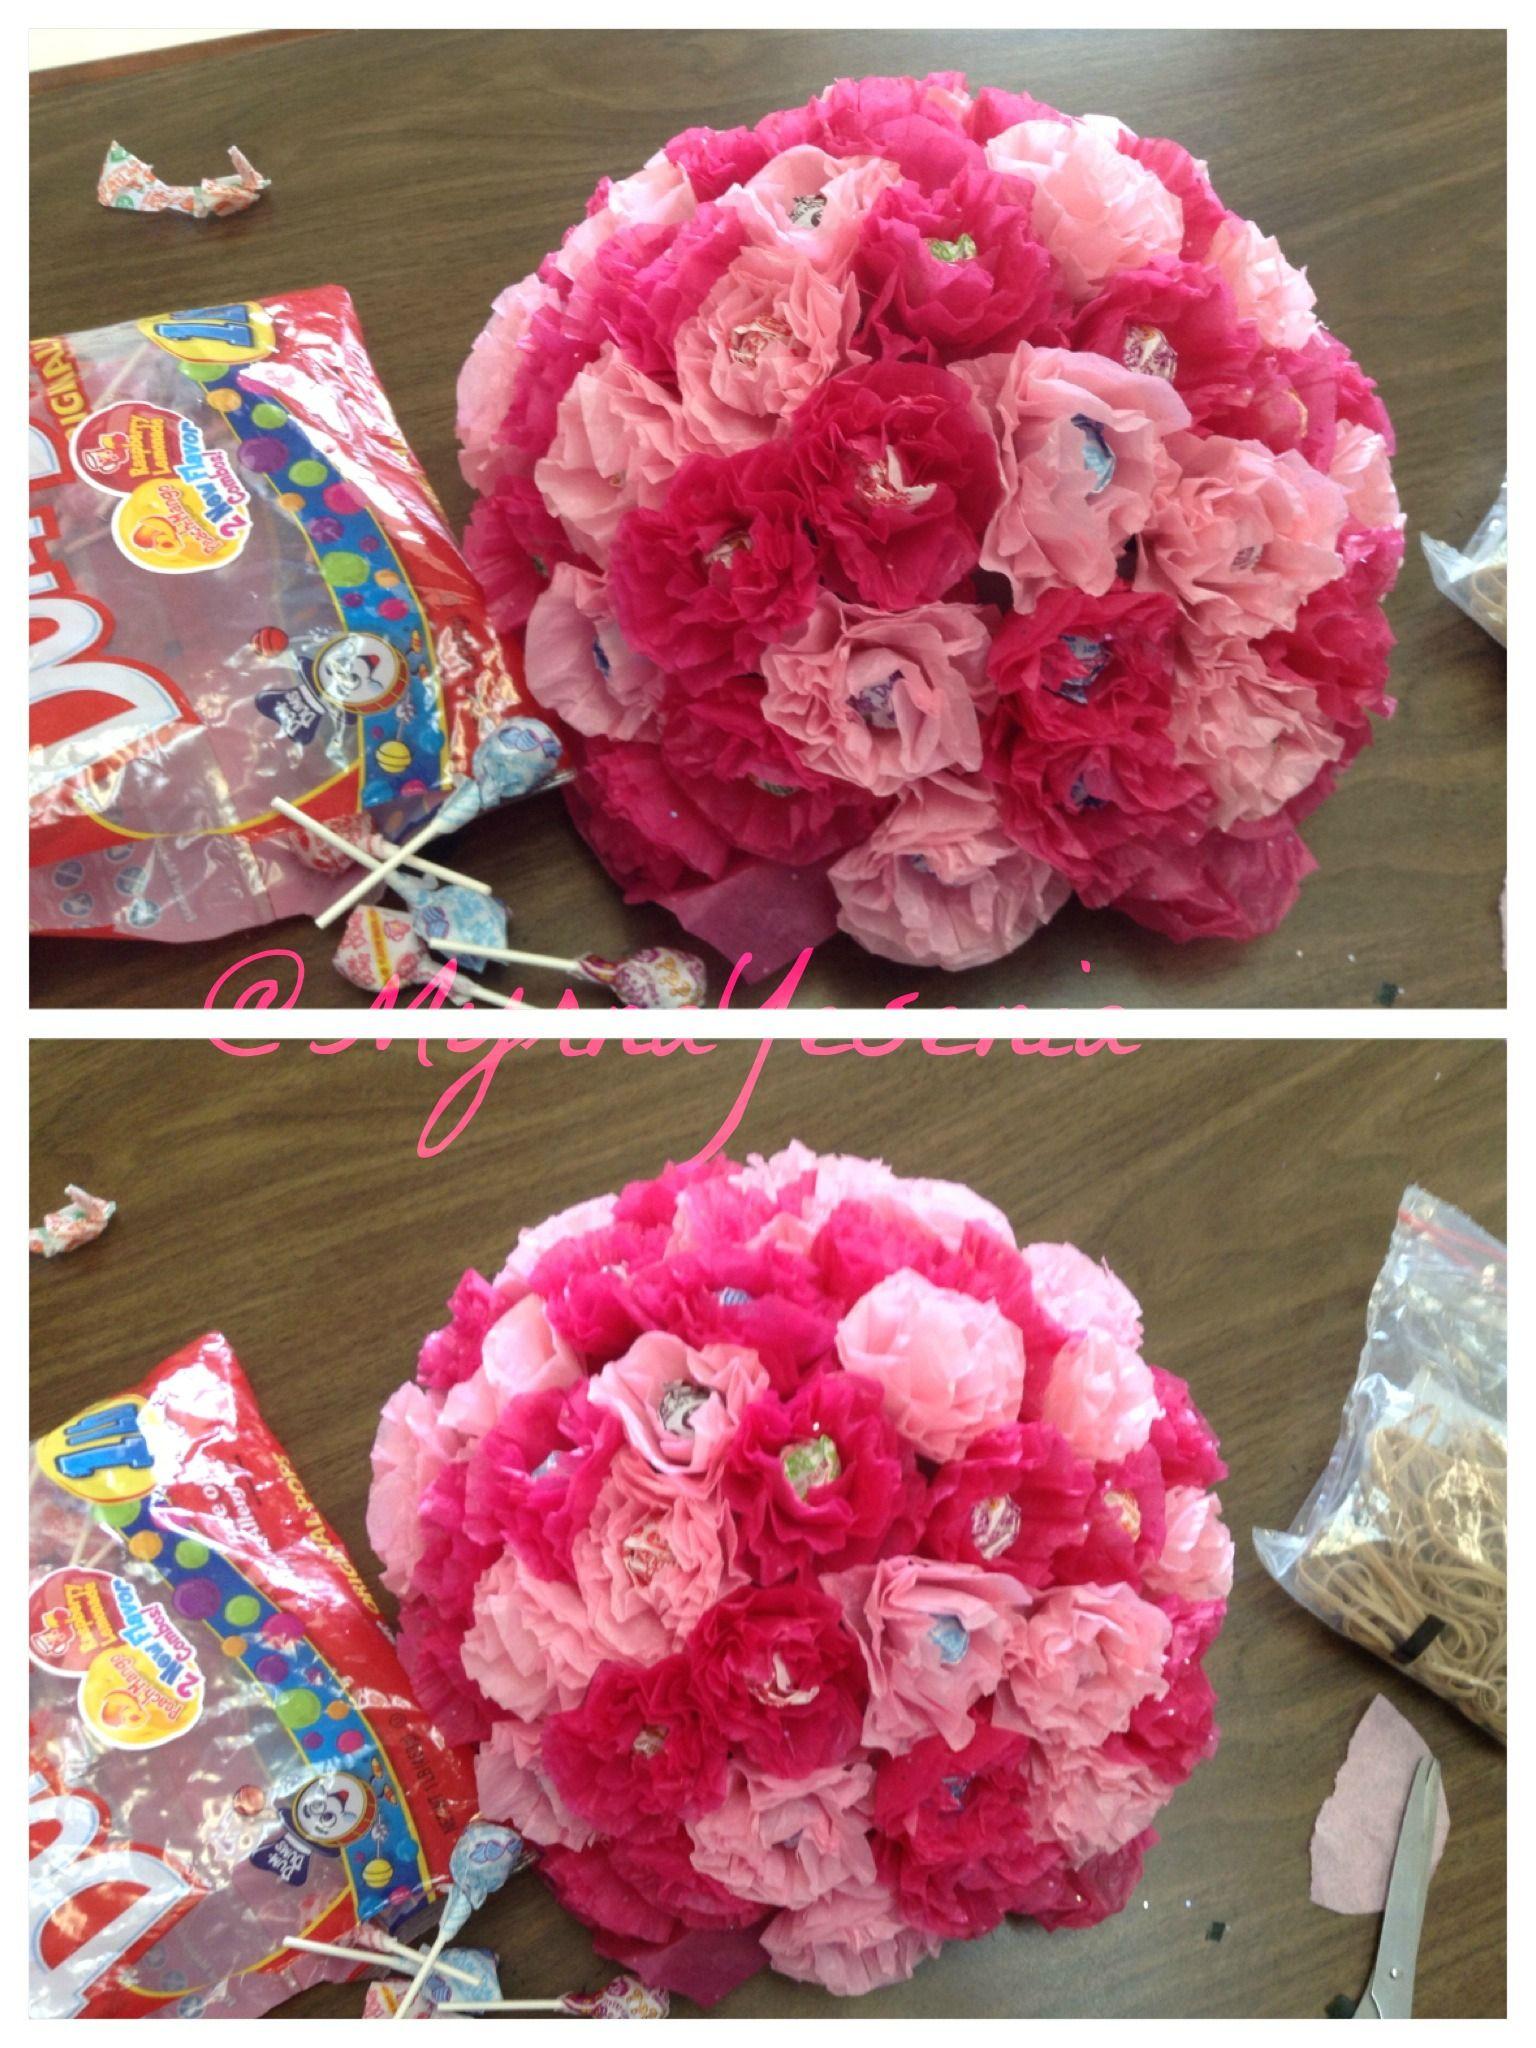 Candy bouquet dumdum sucker and tissue paper flower bouquet candy bouquet dumdum sucker and tissue paper flower bouquet dhlflorist Choice Image